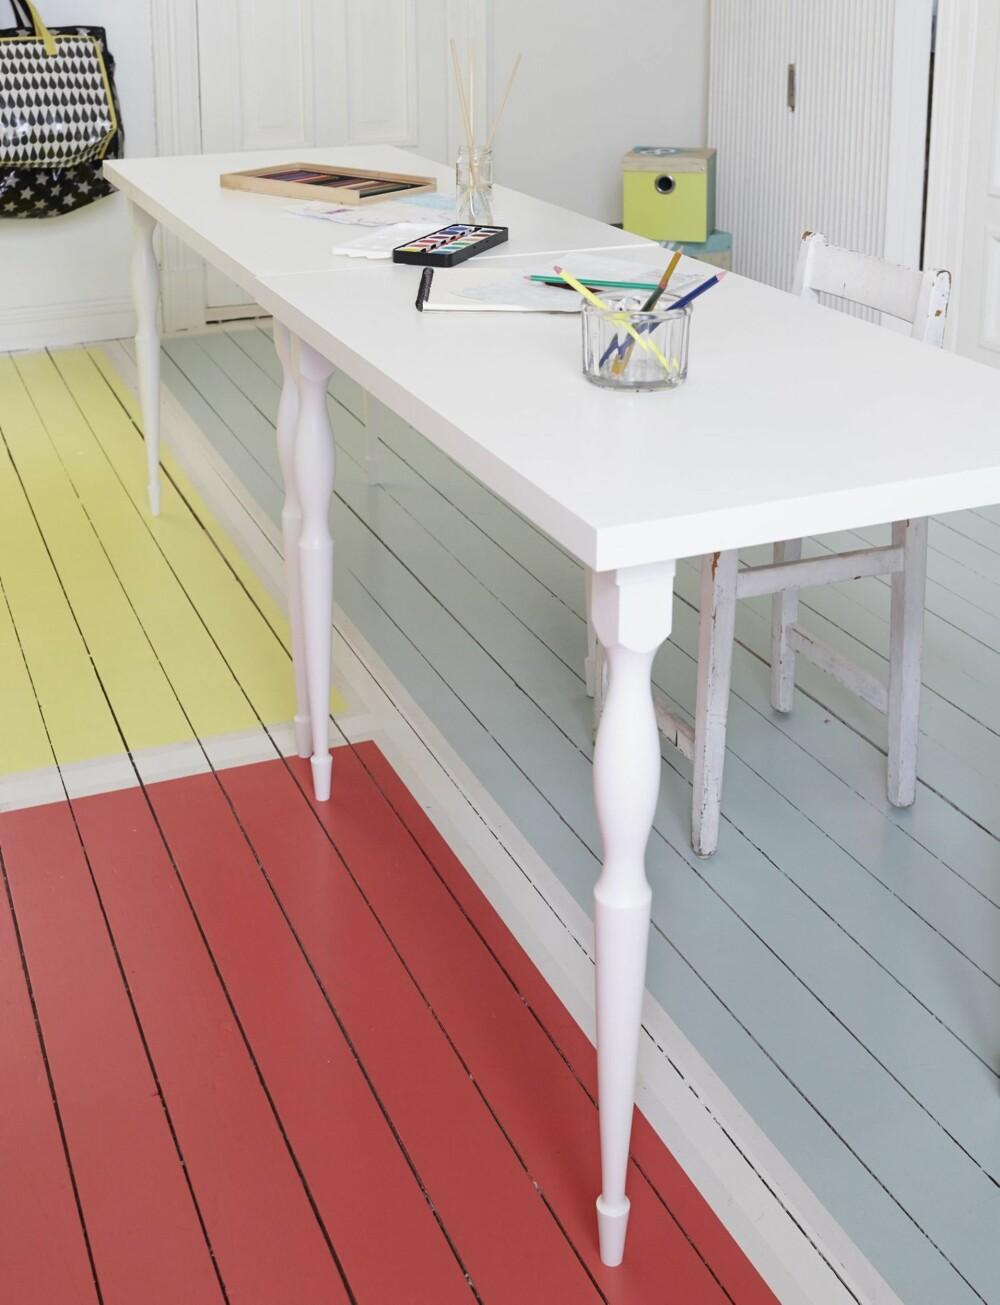 LANGBORD: Skrivebordene består av Linnmon plate, 60 x 120 cm, kr 165, og Nipen ben, kr 165 pr. stk., fra Ikea. Her er Selmas og Pelles bord satt sammen til gruppeabeid. Styling: Steen & Aiesh, stylingassistent: Ida Løken.